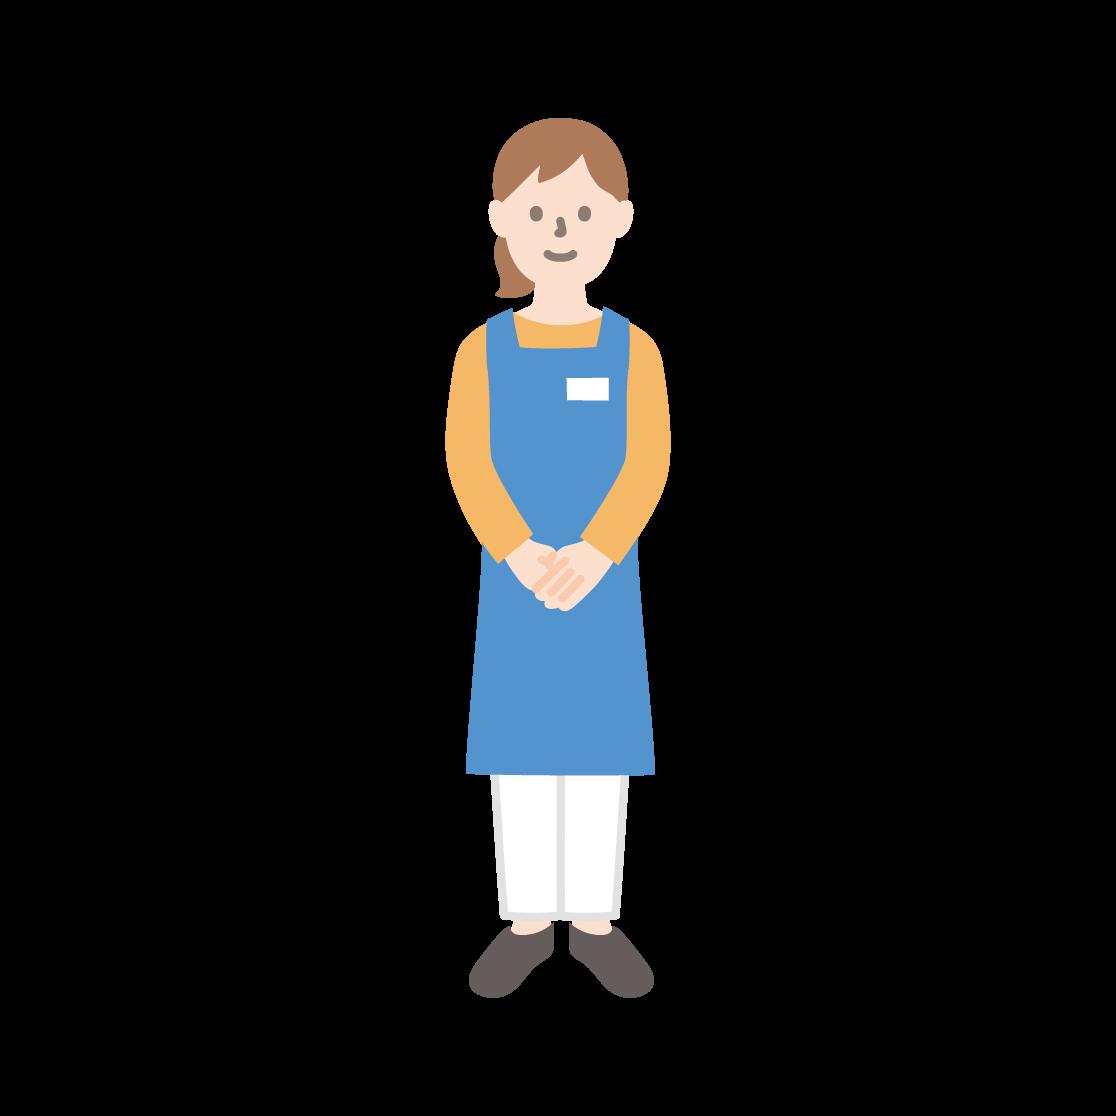 スーパーの店員(女性)の塗りイラスト